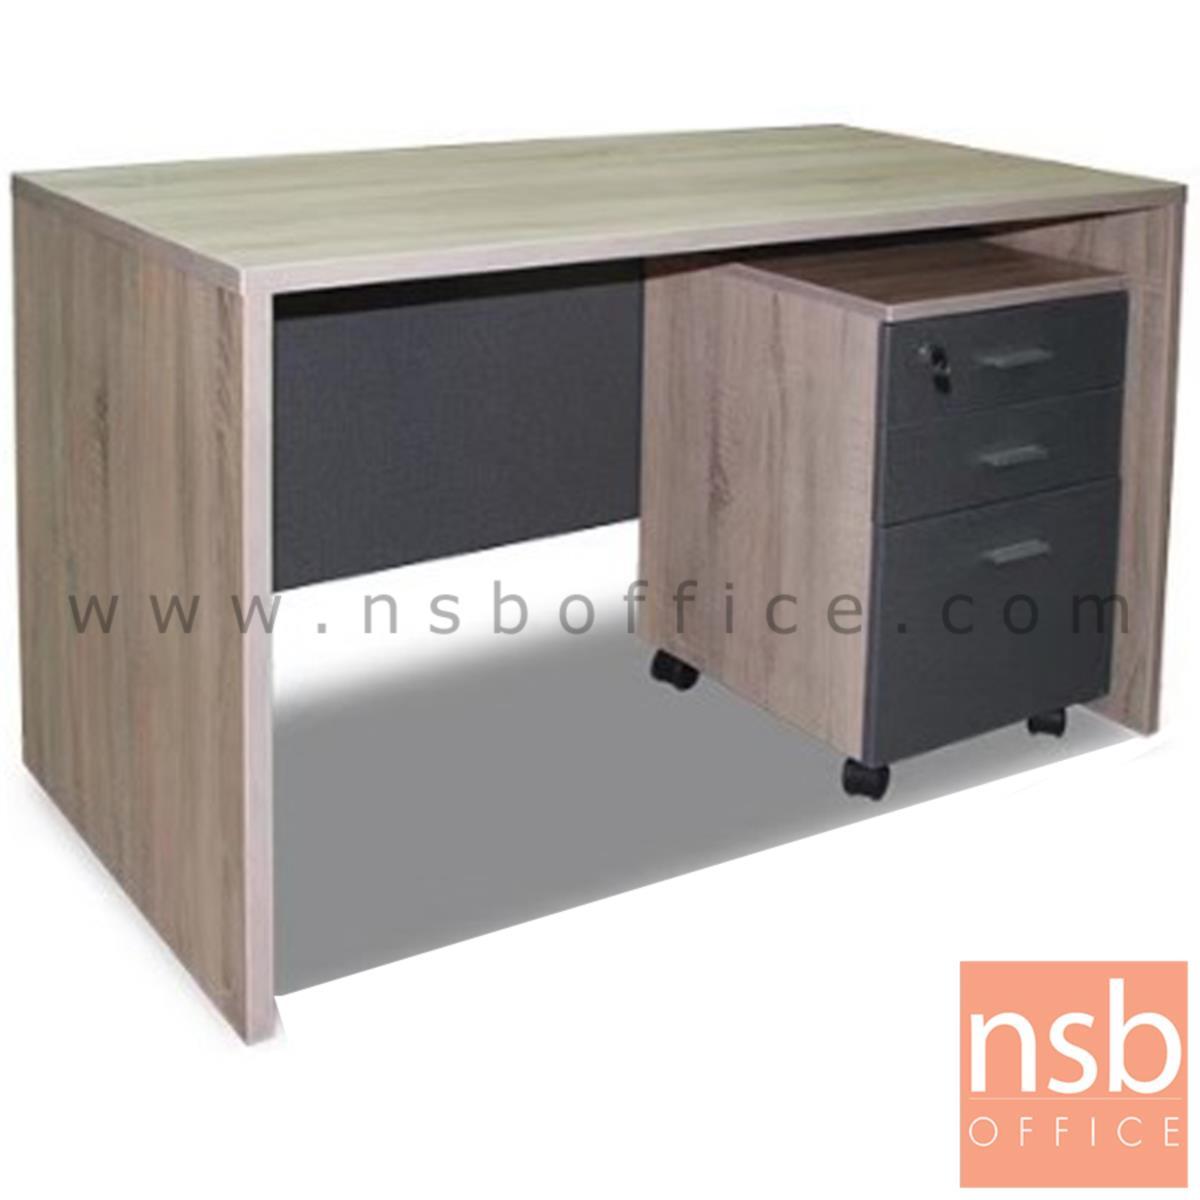 A13A204:โต๊ะทำงาน รุ่น JEJU (เชจู) ขนาด 120W cm. เมลามีน พร้อมตู้ลิ้นชัก